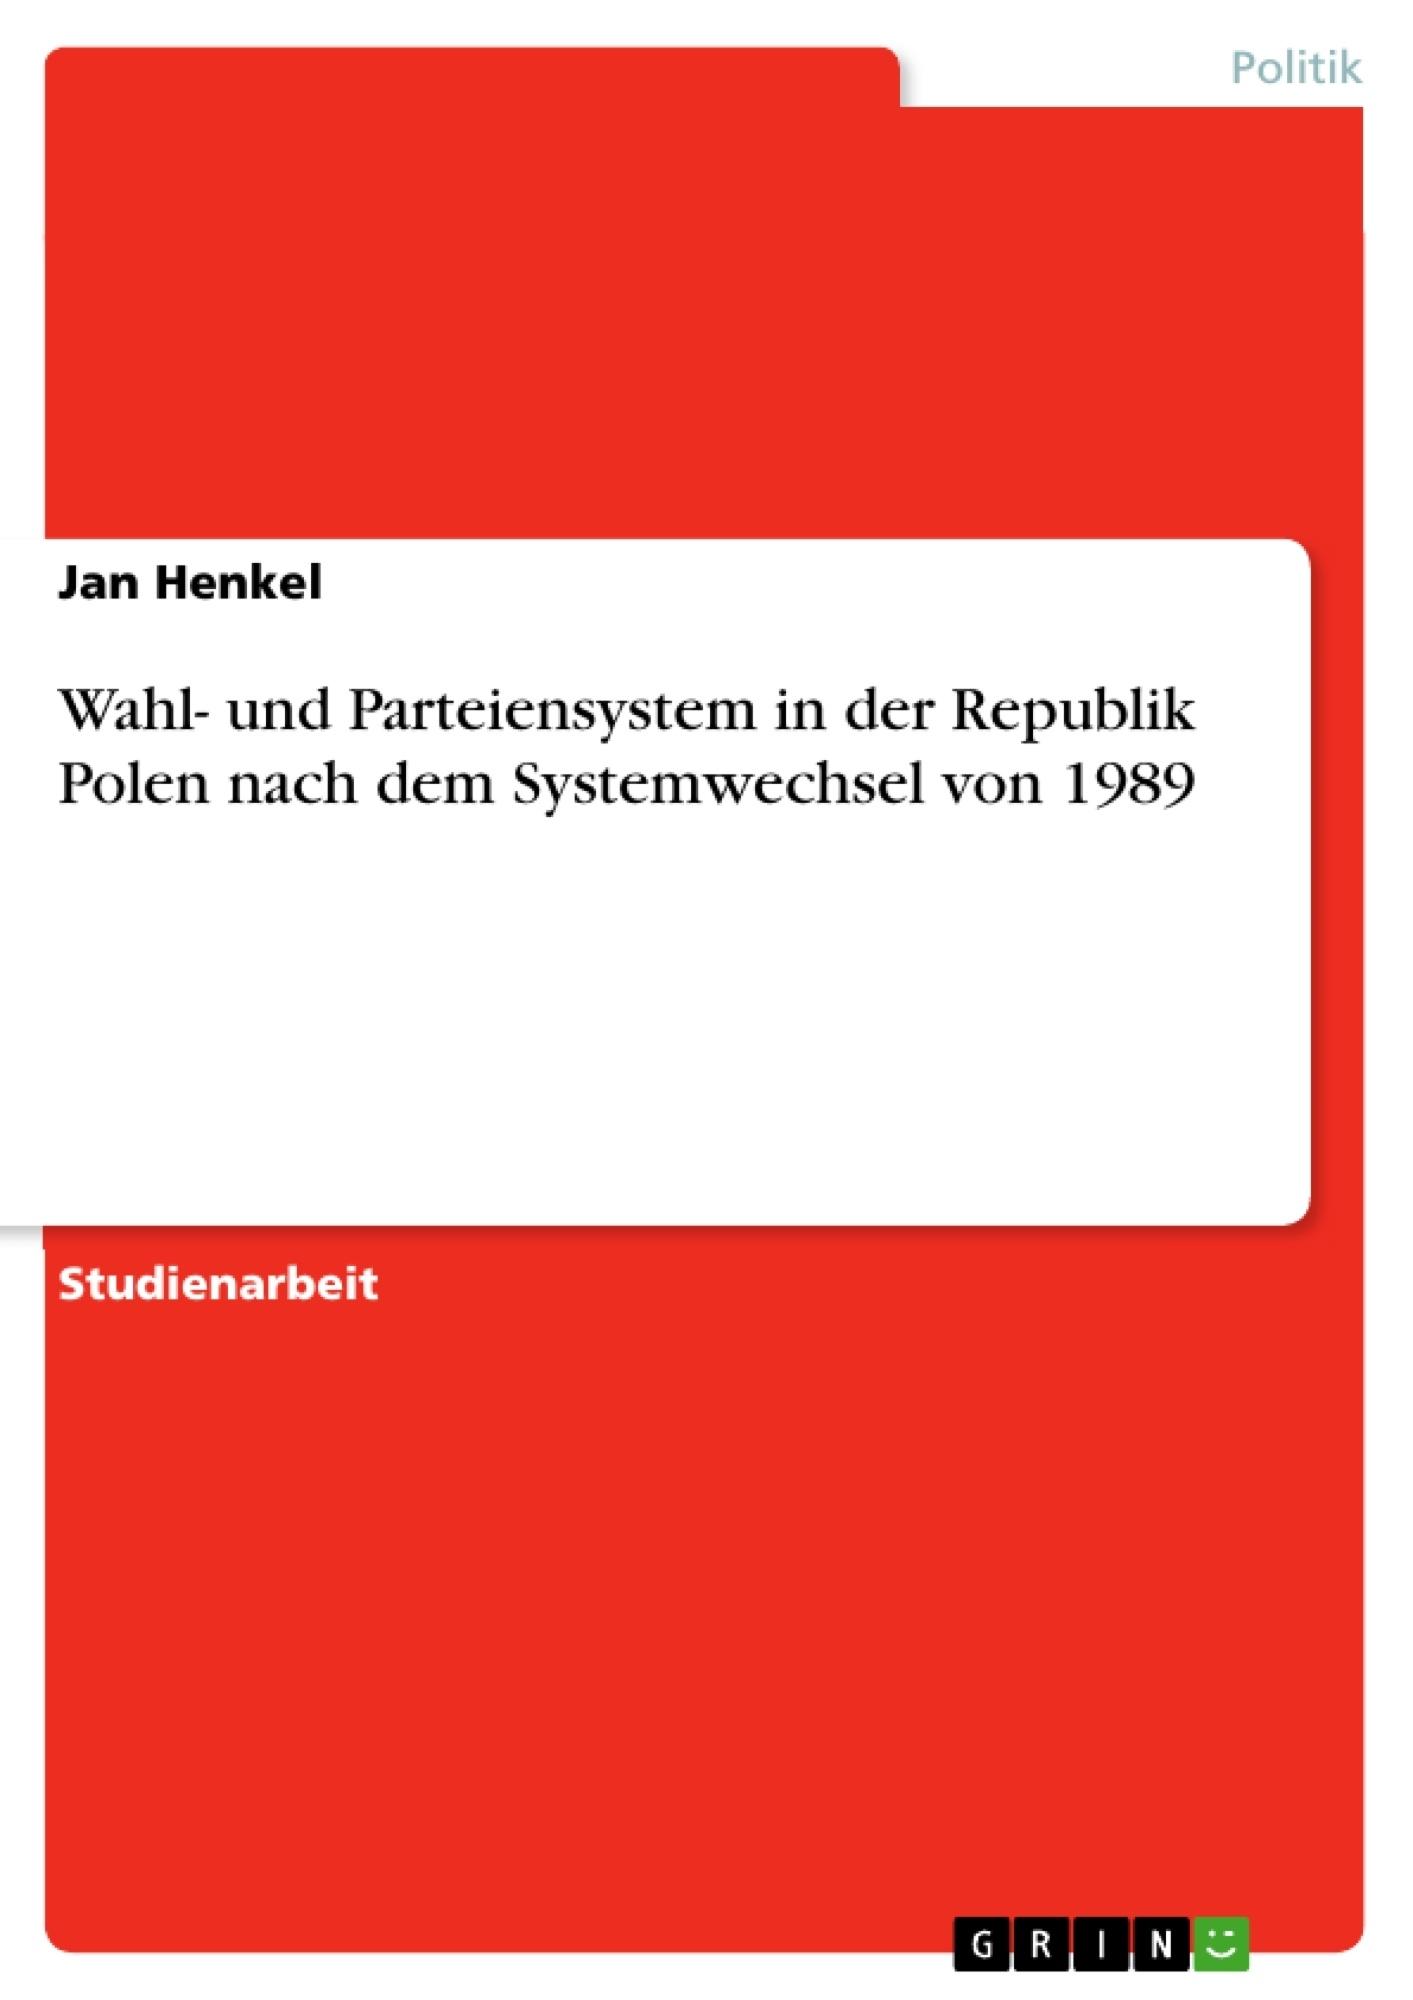 Titel: Wahl- und Parteiensystem in der Republik Polen nach dem Systemwechsel von 1989